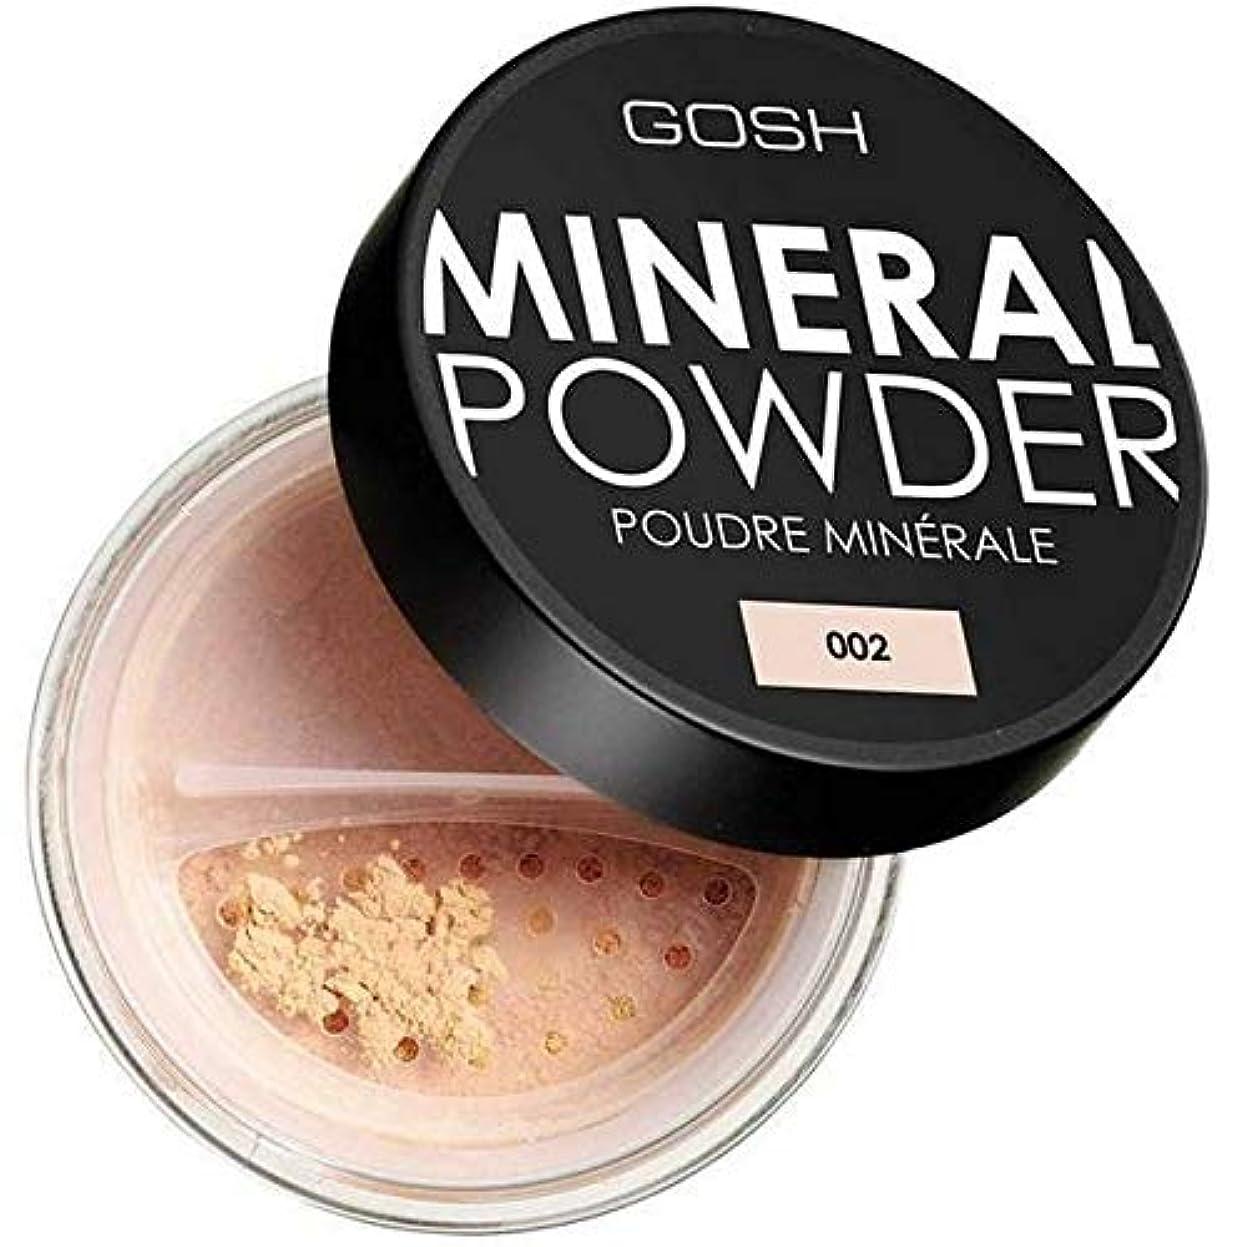 高度見捨てられたインセンティブ[GOSH ] おやっミネラルフルカバーファンデーションパウダーアイボリー002 - GOSH Mineral Full Coverage Foundation Powder Ivory 002 [並行輸入品]